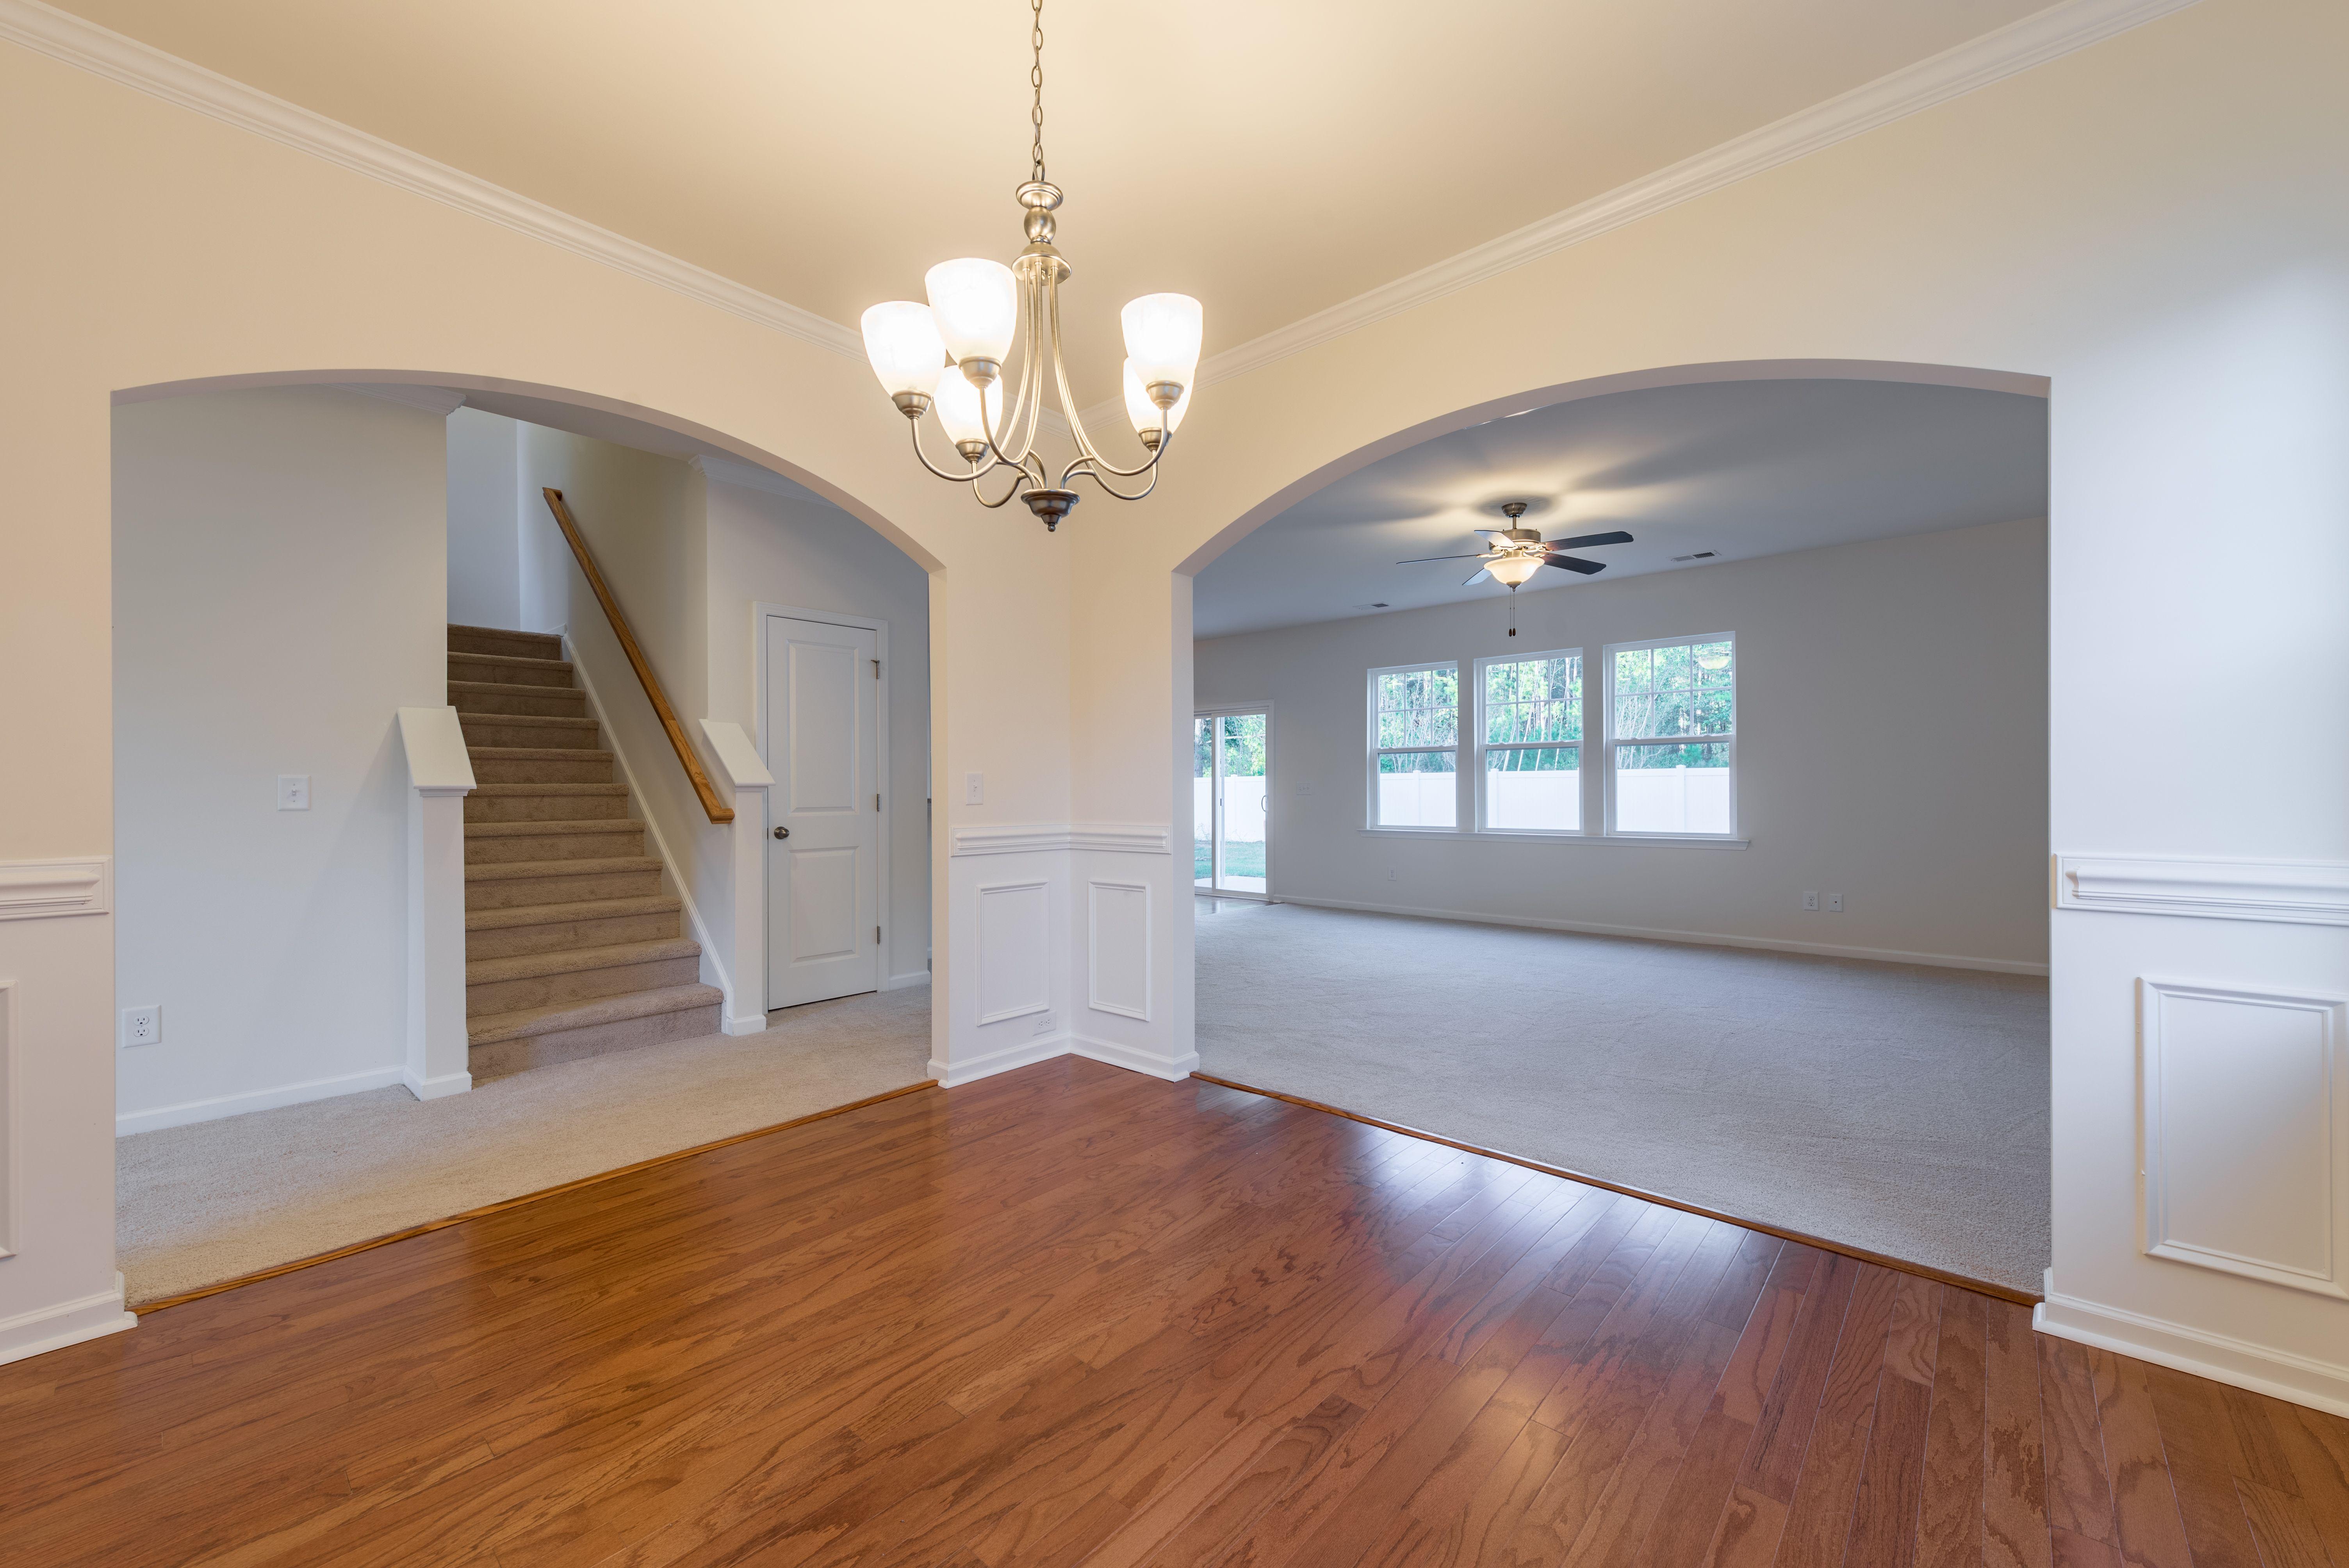 Eastland south carolina homes new home communities home